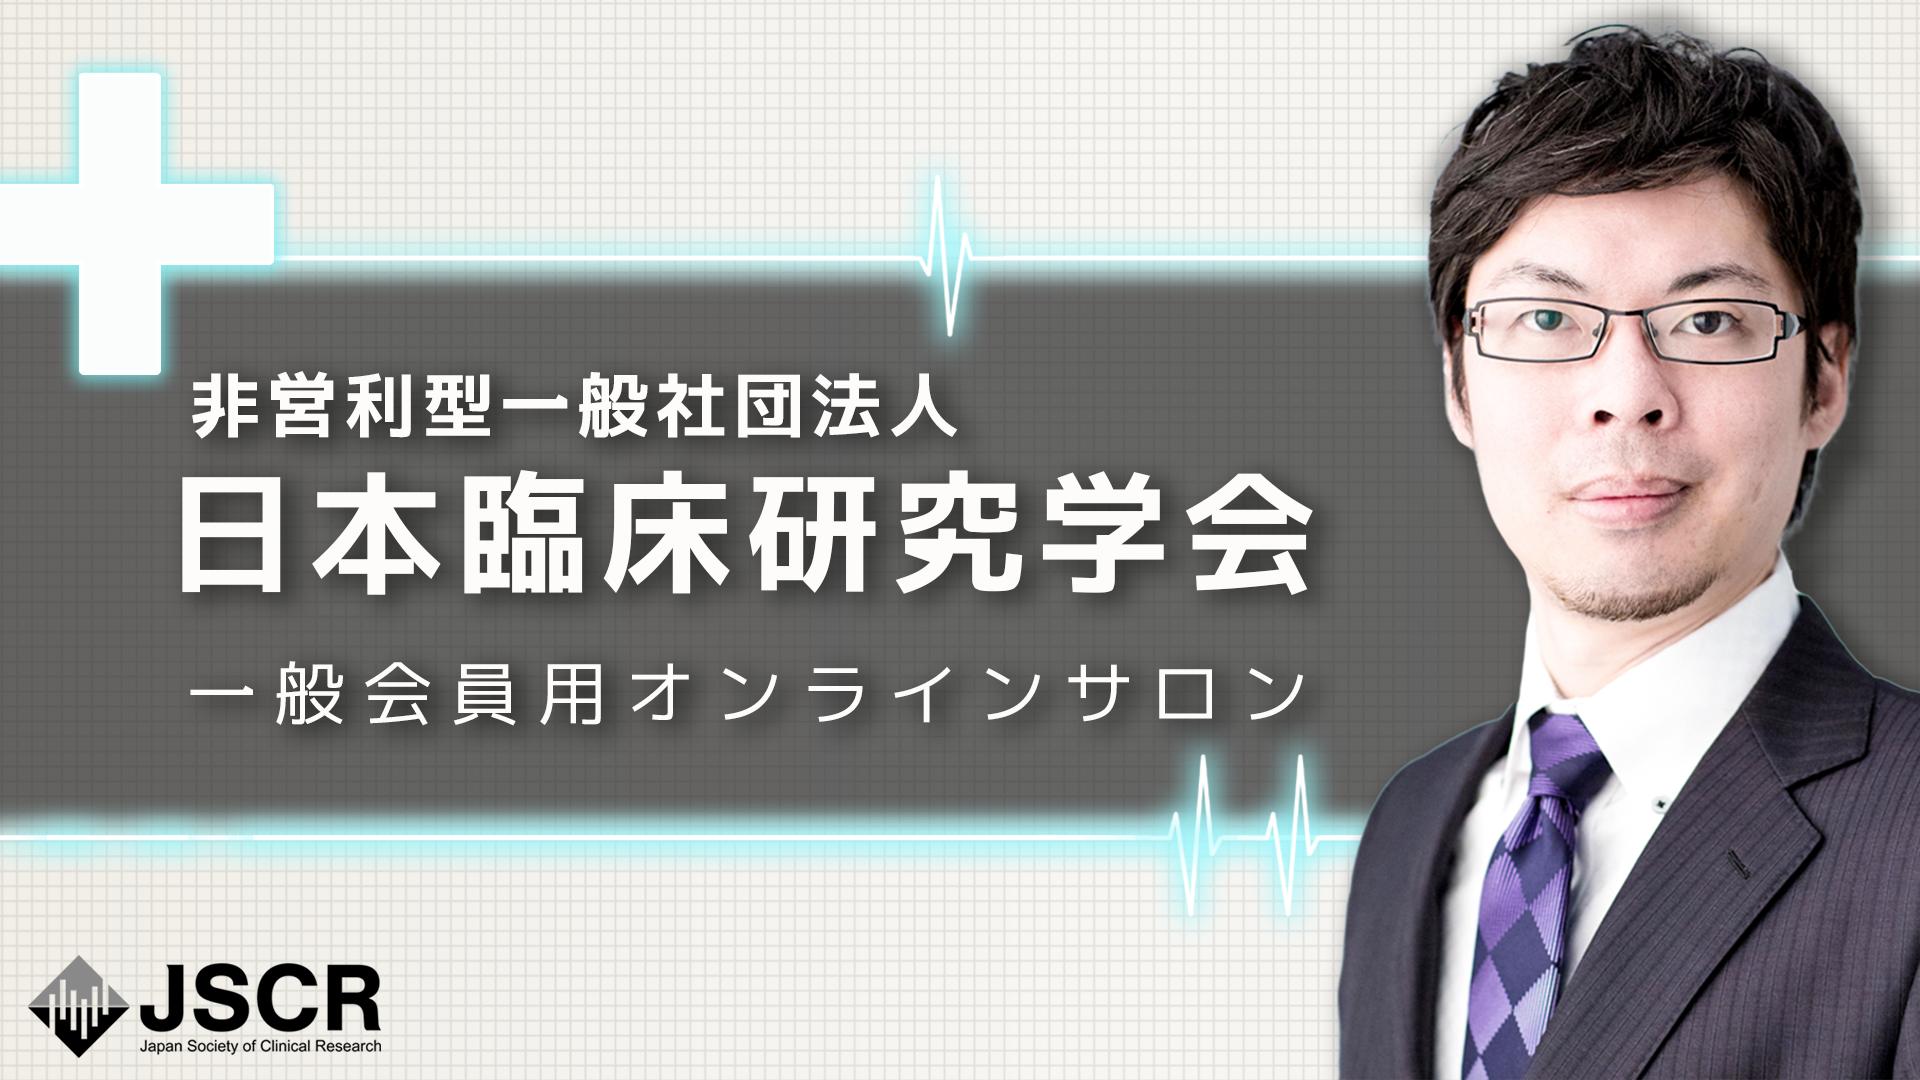 非営利型一般社団法人日本臨床研究学会 一般会員用オンラインサロン